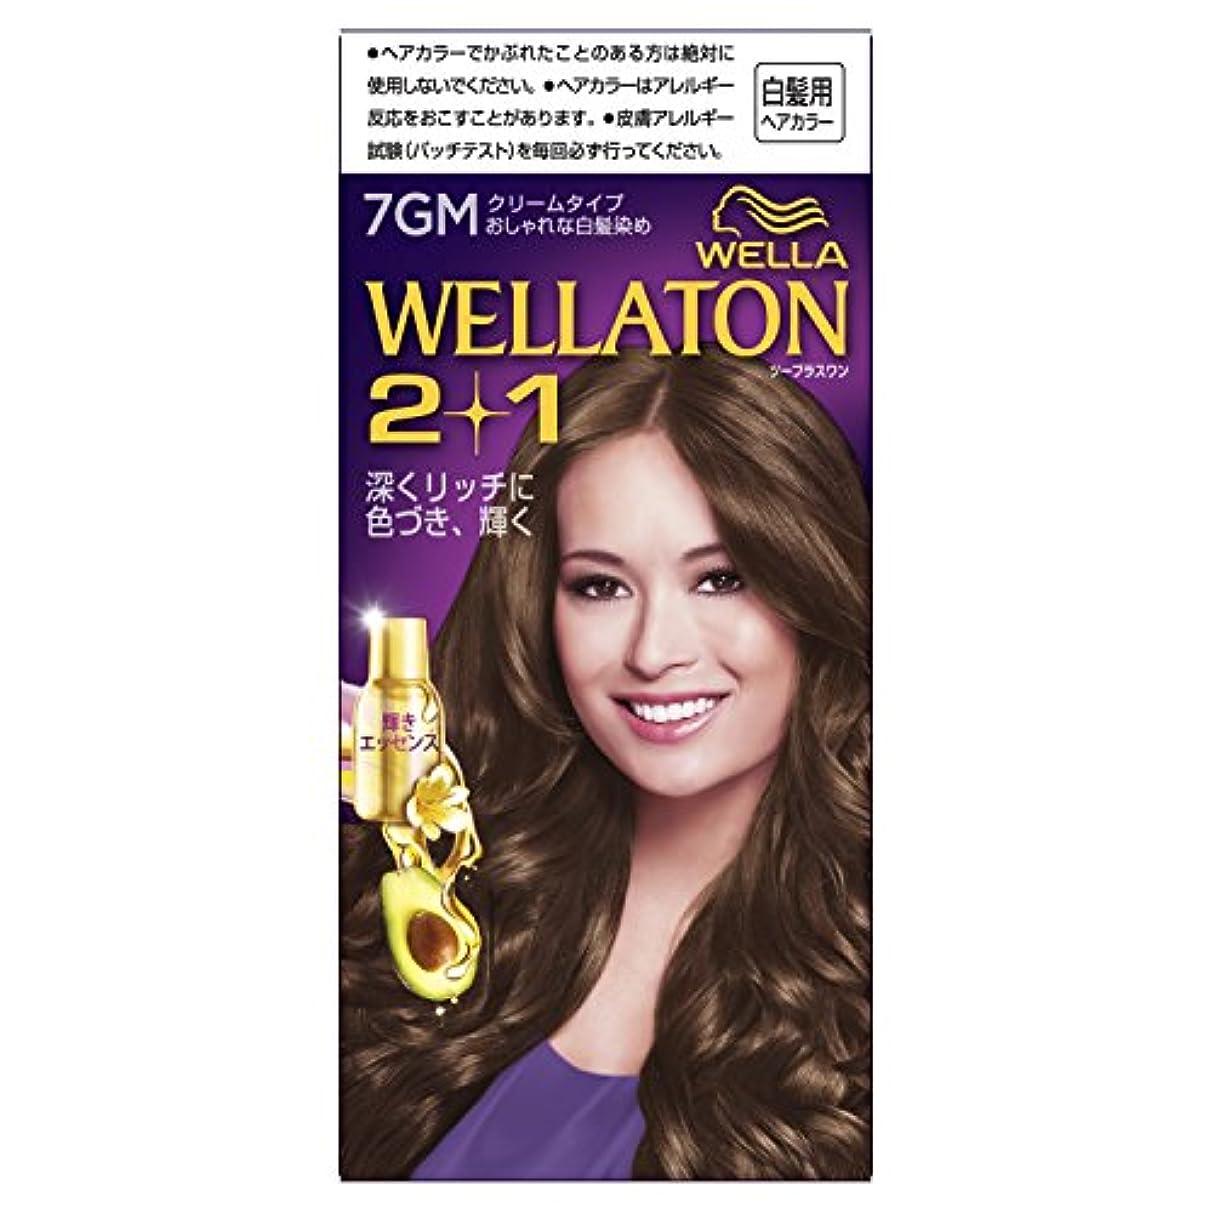 十分な矩形夢中ウエラトーン2+1 クリームタイプ 7GM [医薬部外品](おしゃれな白髪染め)